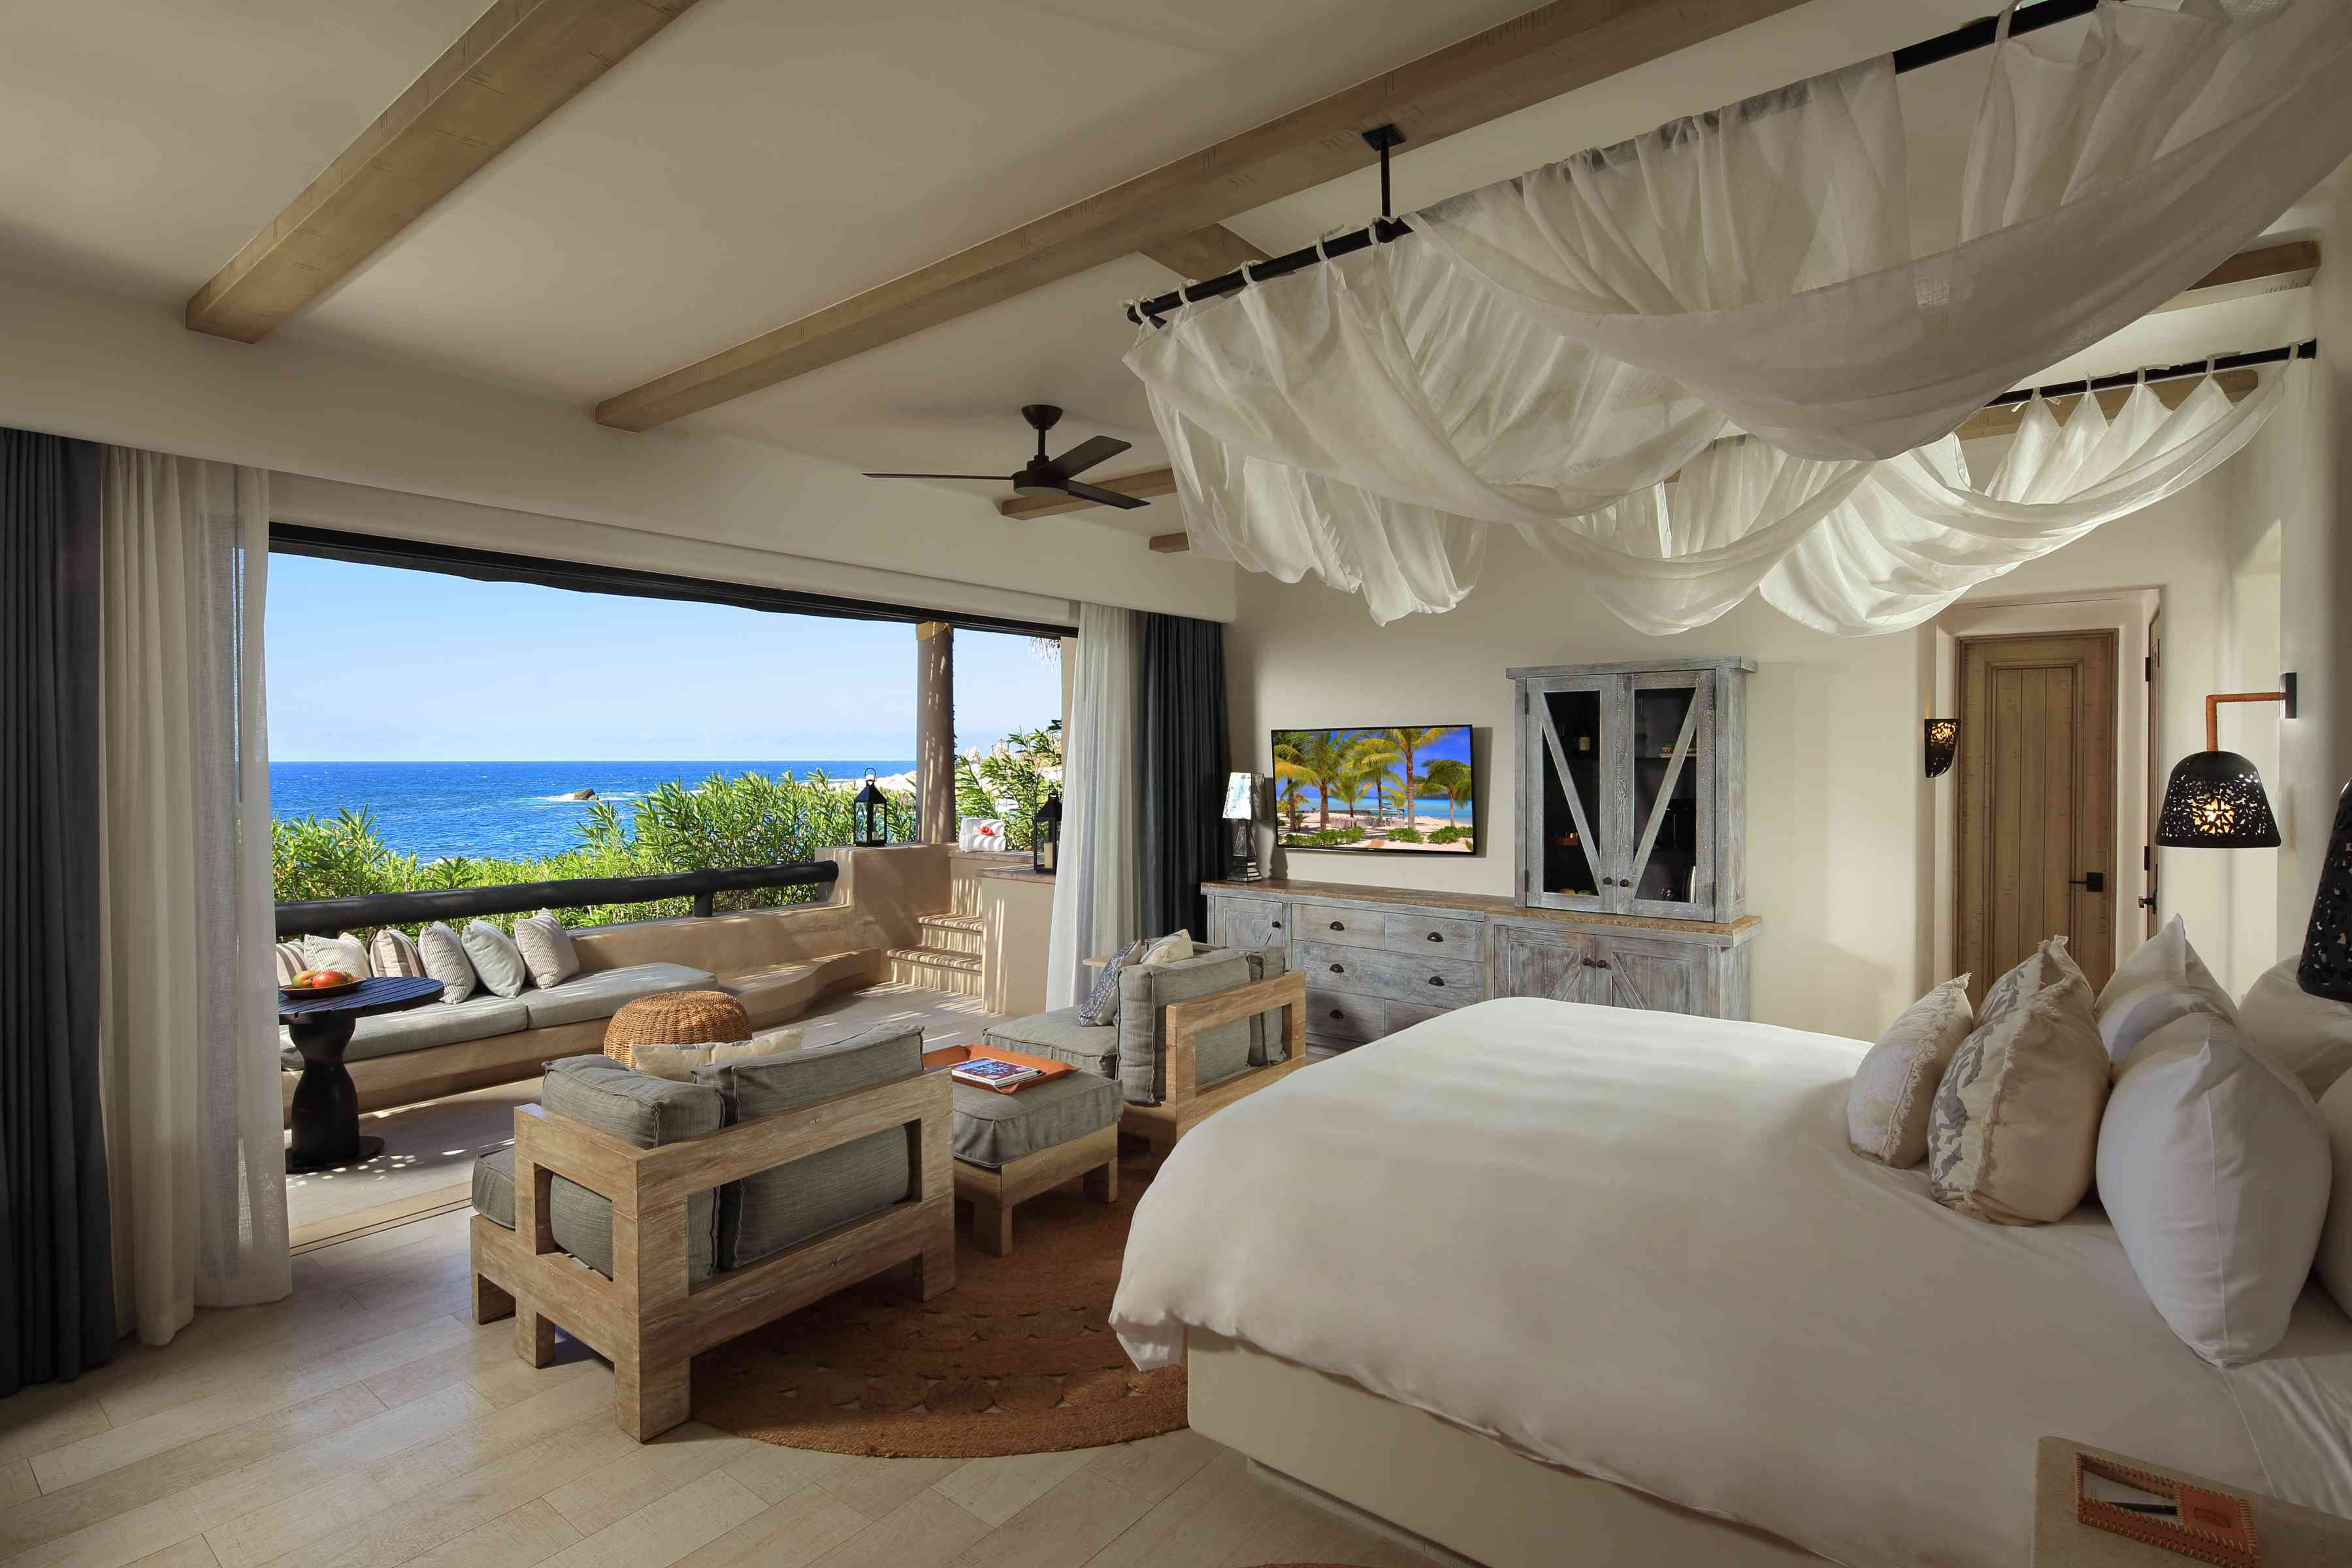 A guest room at Esperanza Resort in Los Cabos, Mexico.